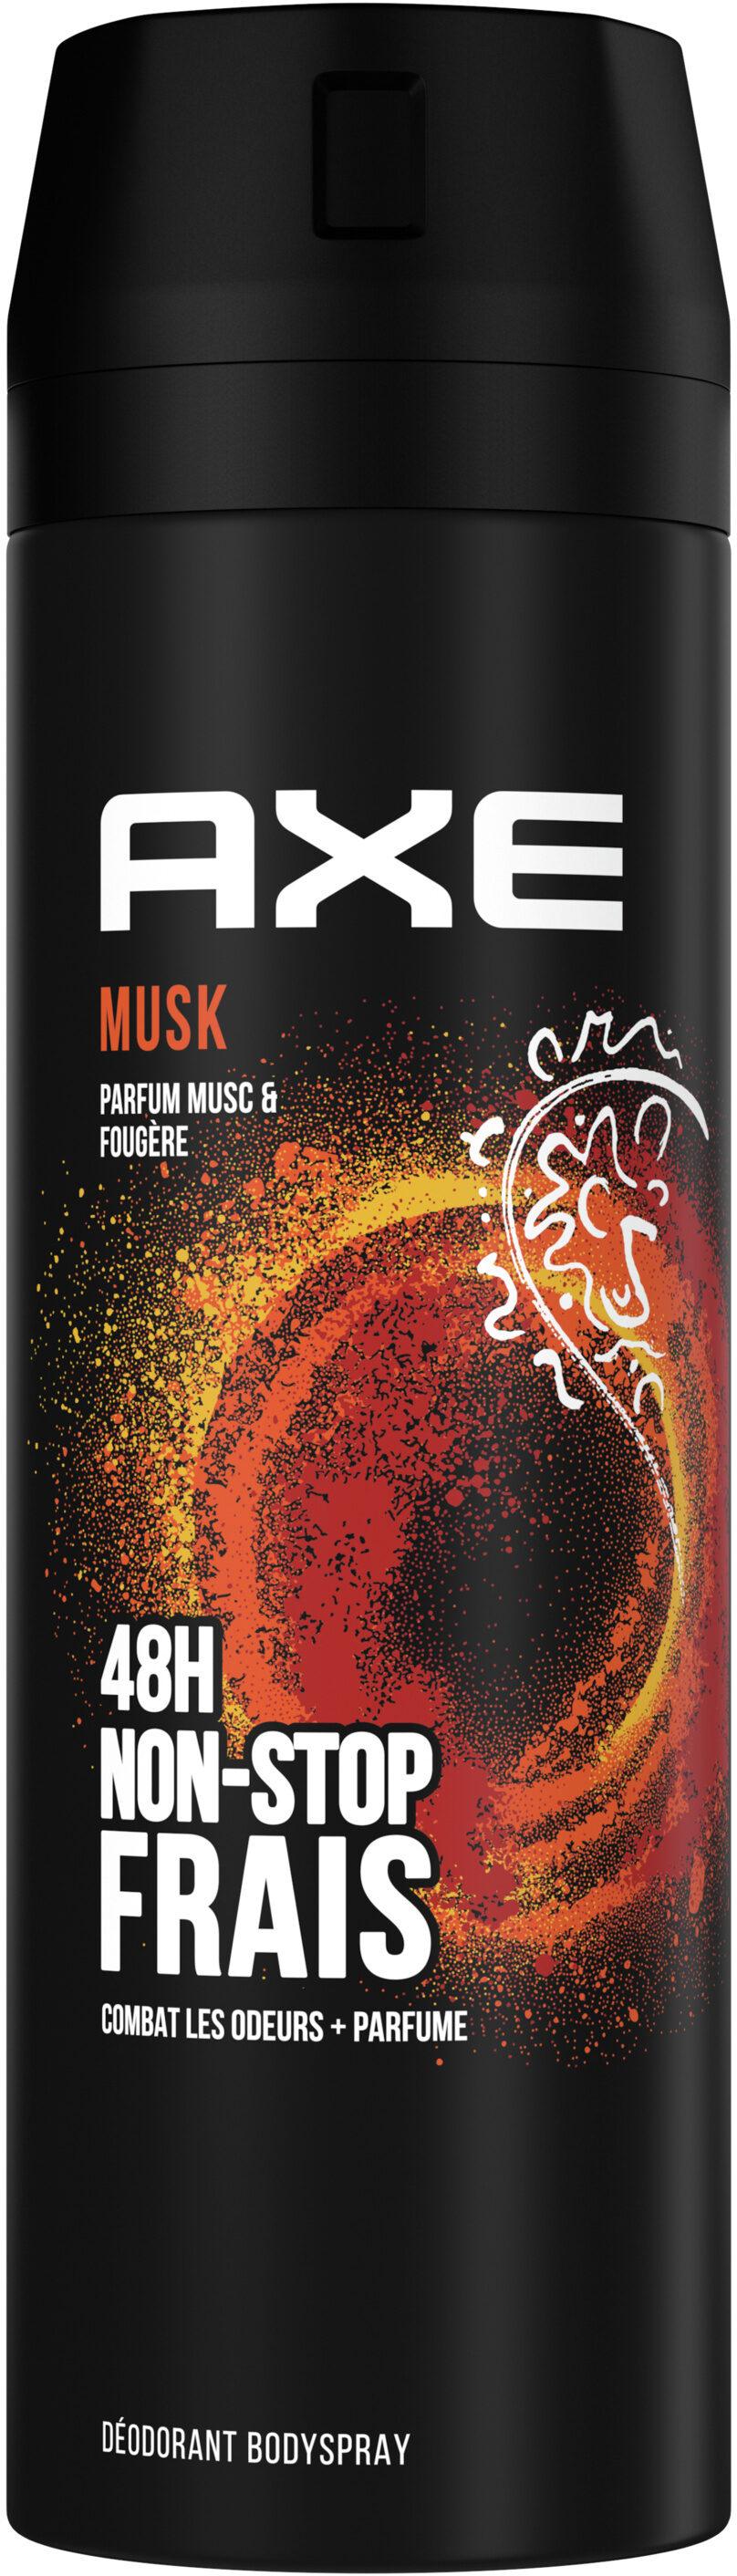 AXE Déodorant Homme Bodyspray Musk 48h Non-Stop Frais - Продукт - fr